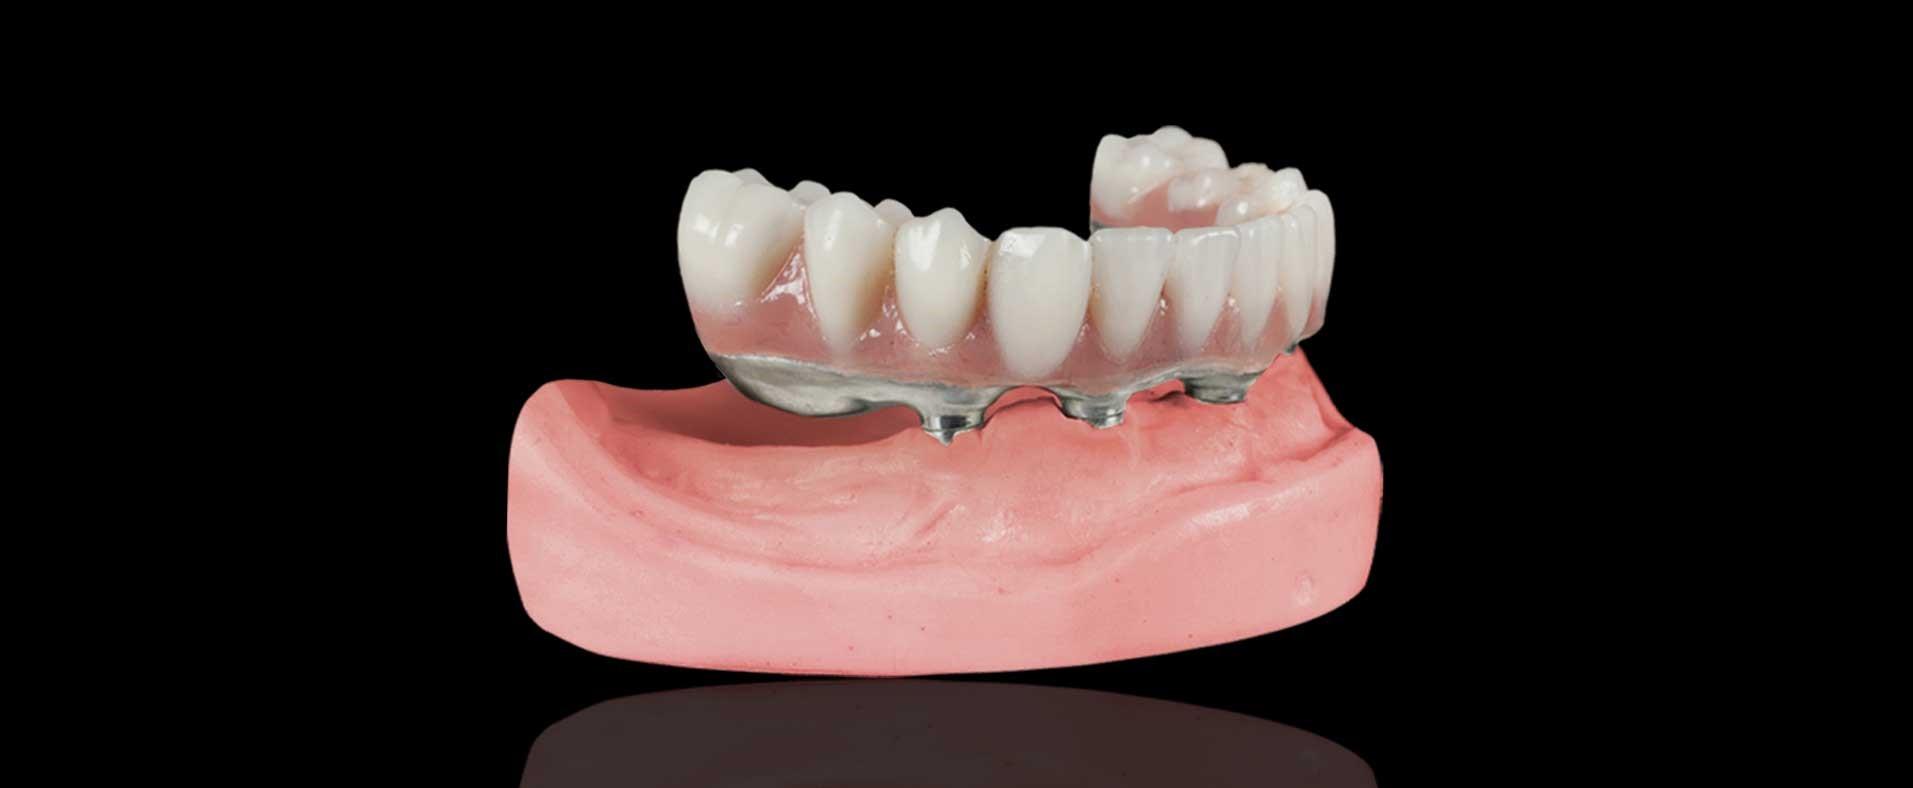 انواع پروتزهای متحرک دندان